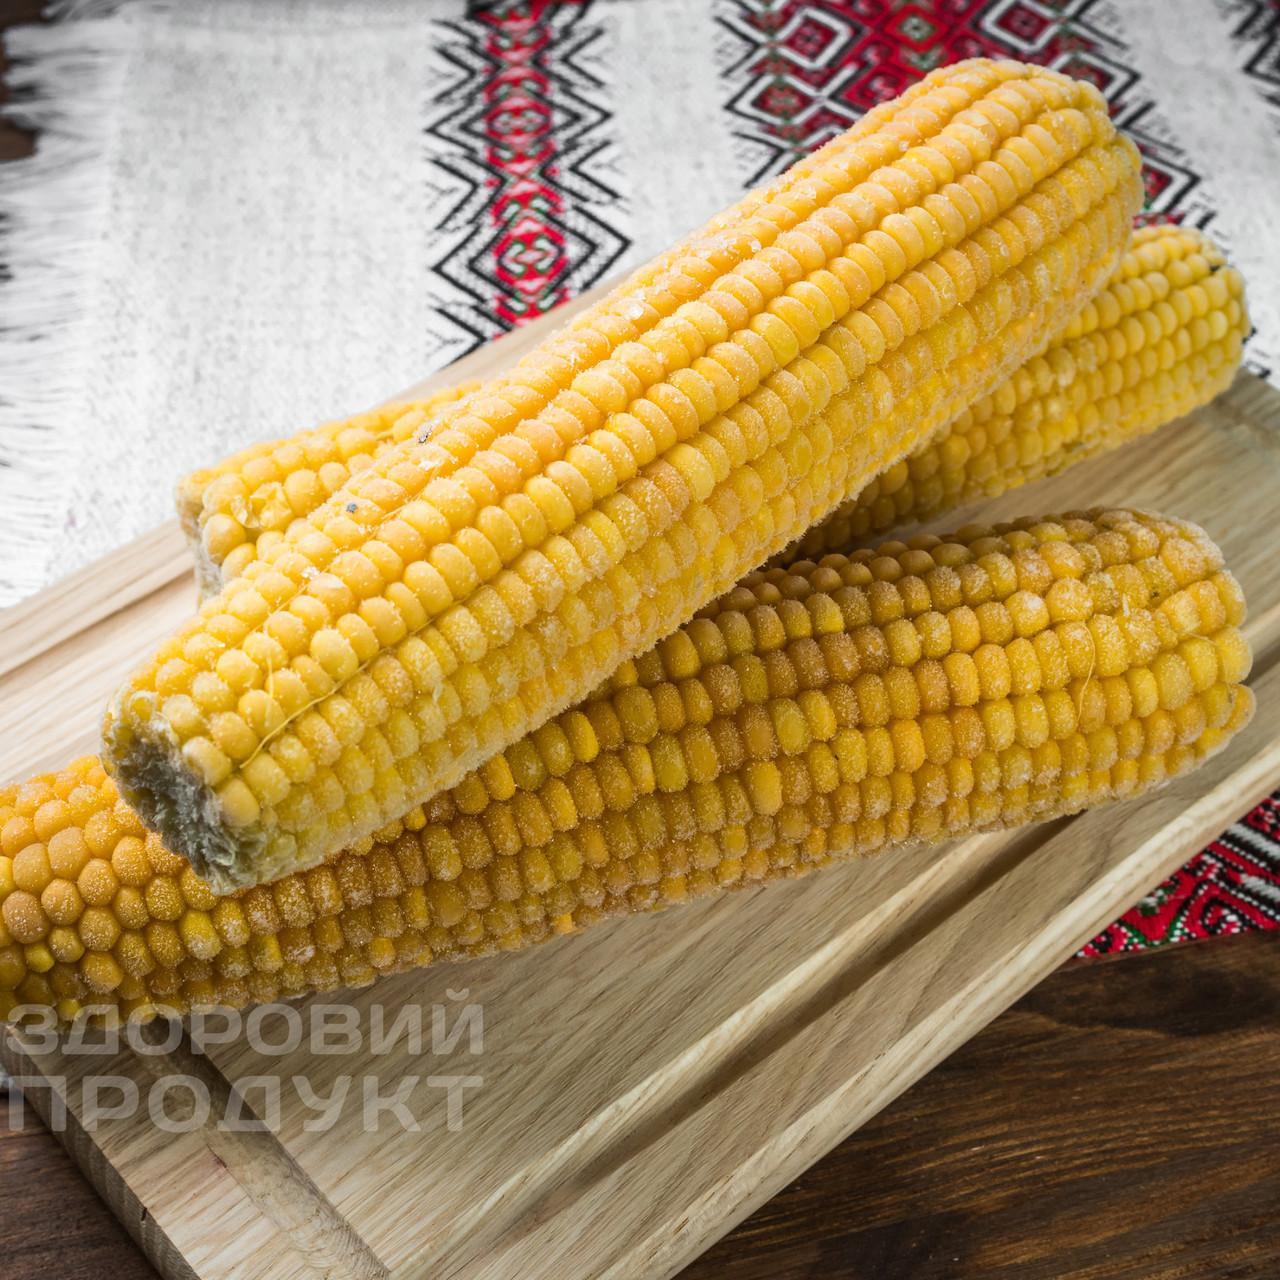 Кукуруза в початках сладкая замороженная